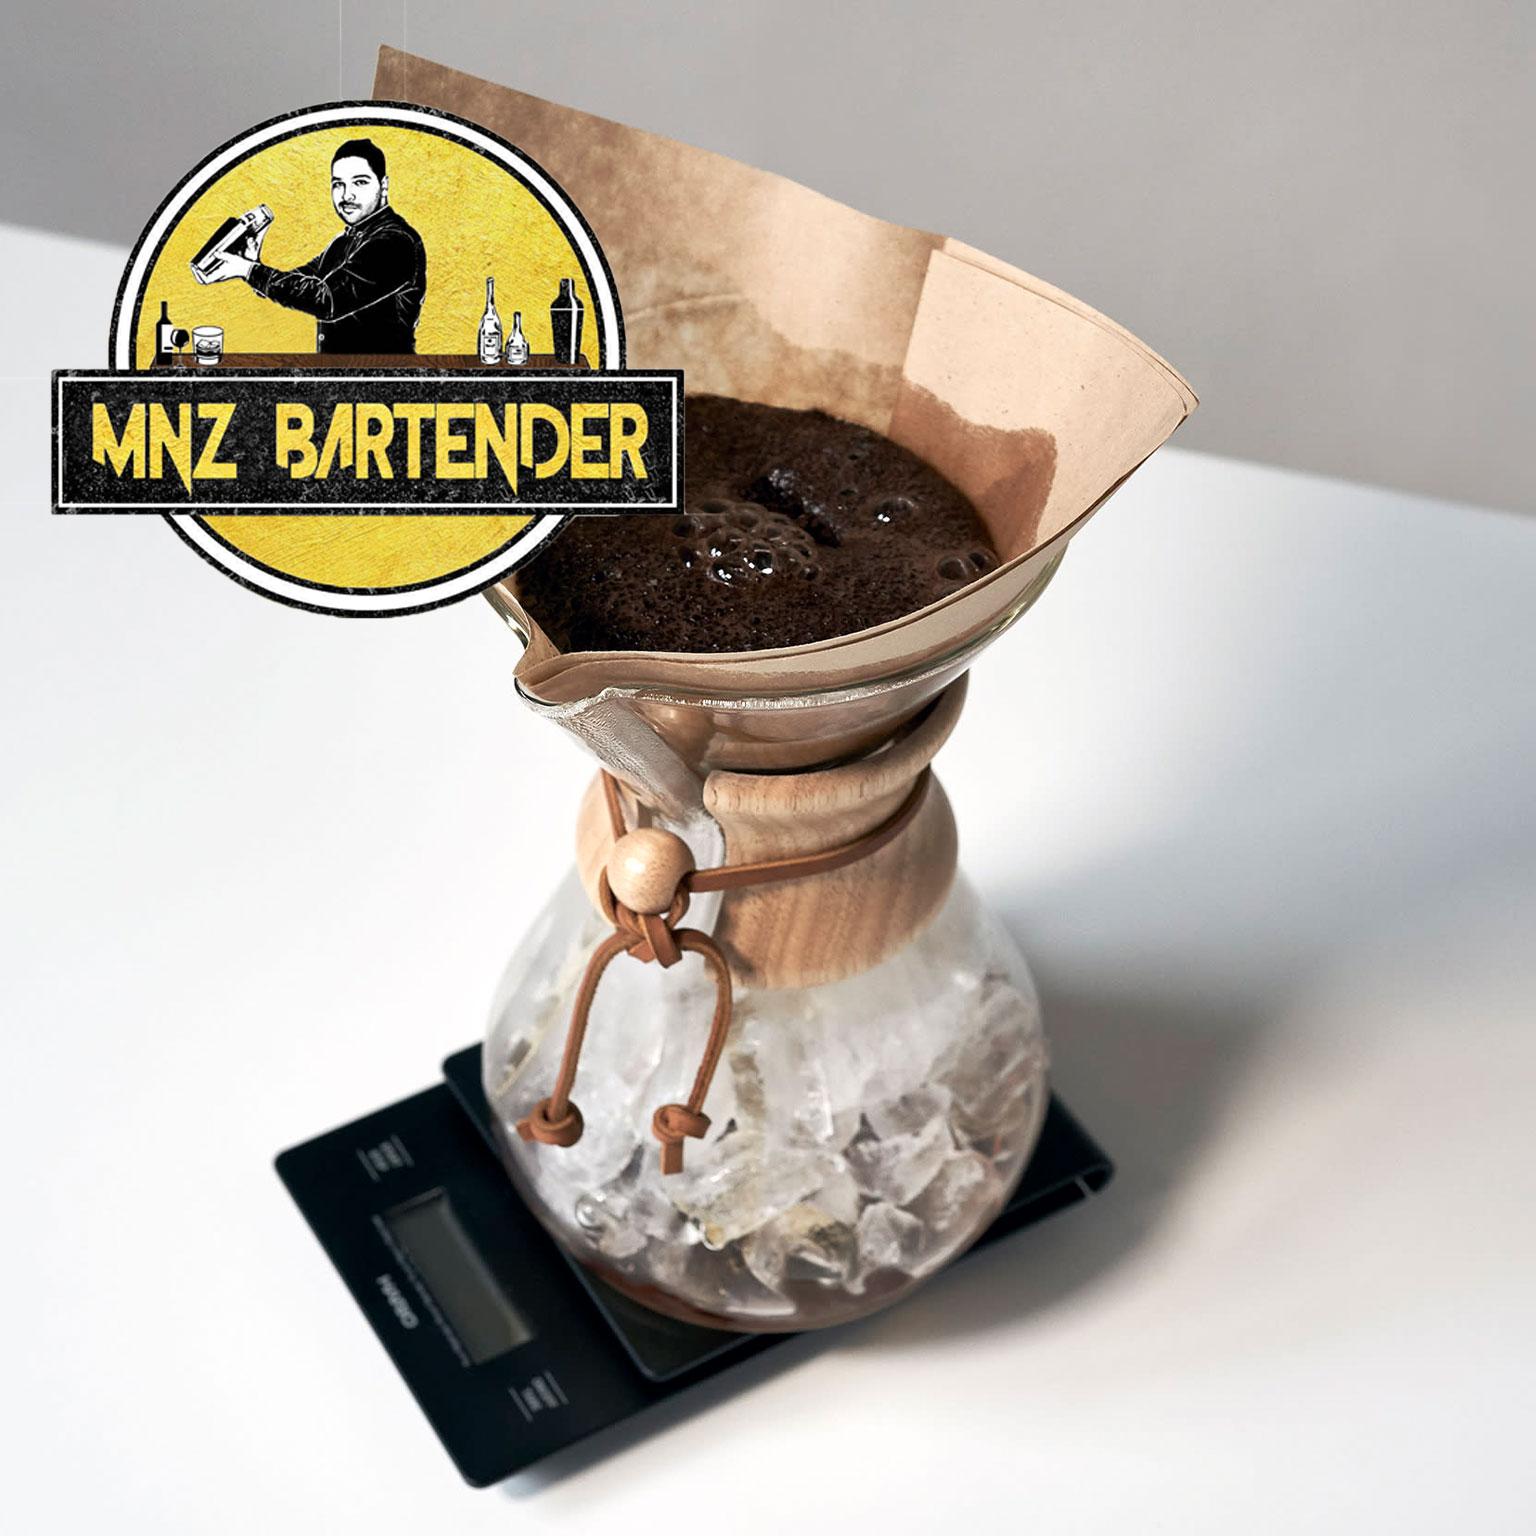 گذاشتن فیلتر قهوه برای آیس کافی